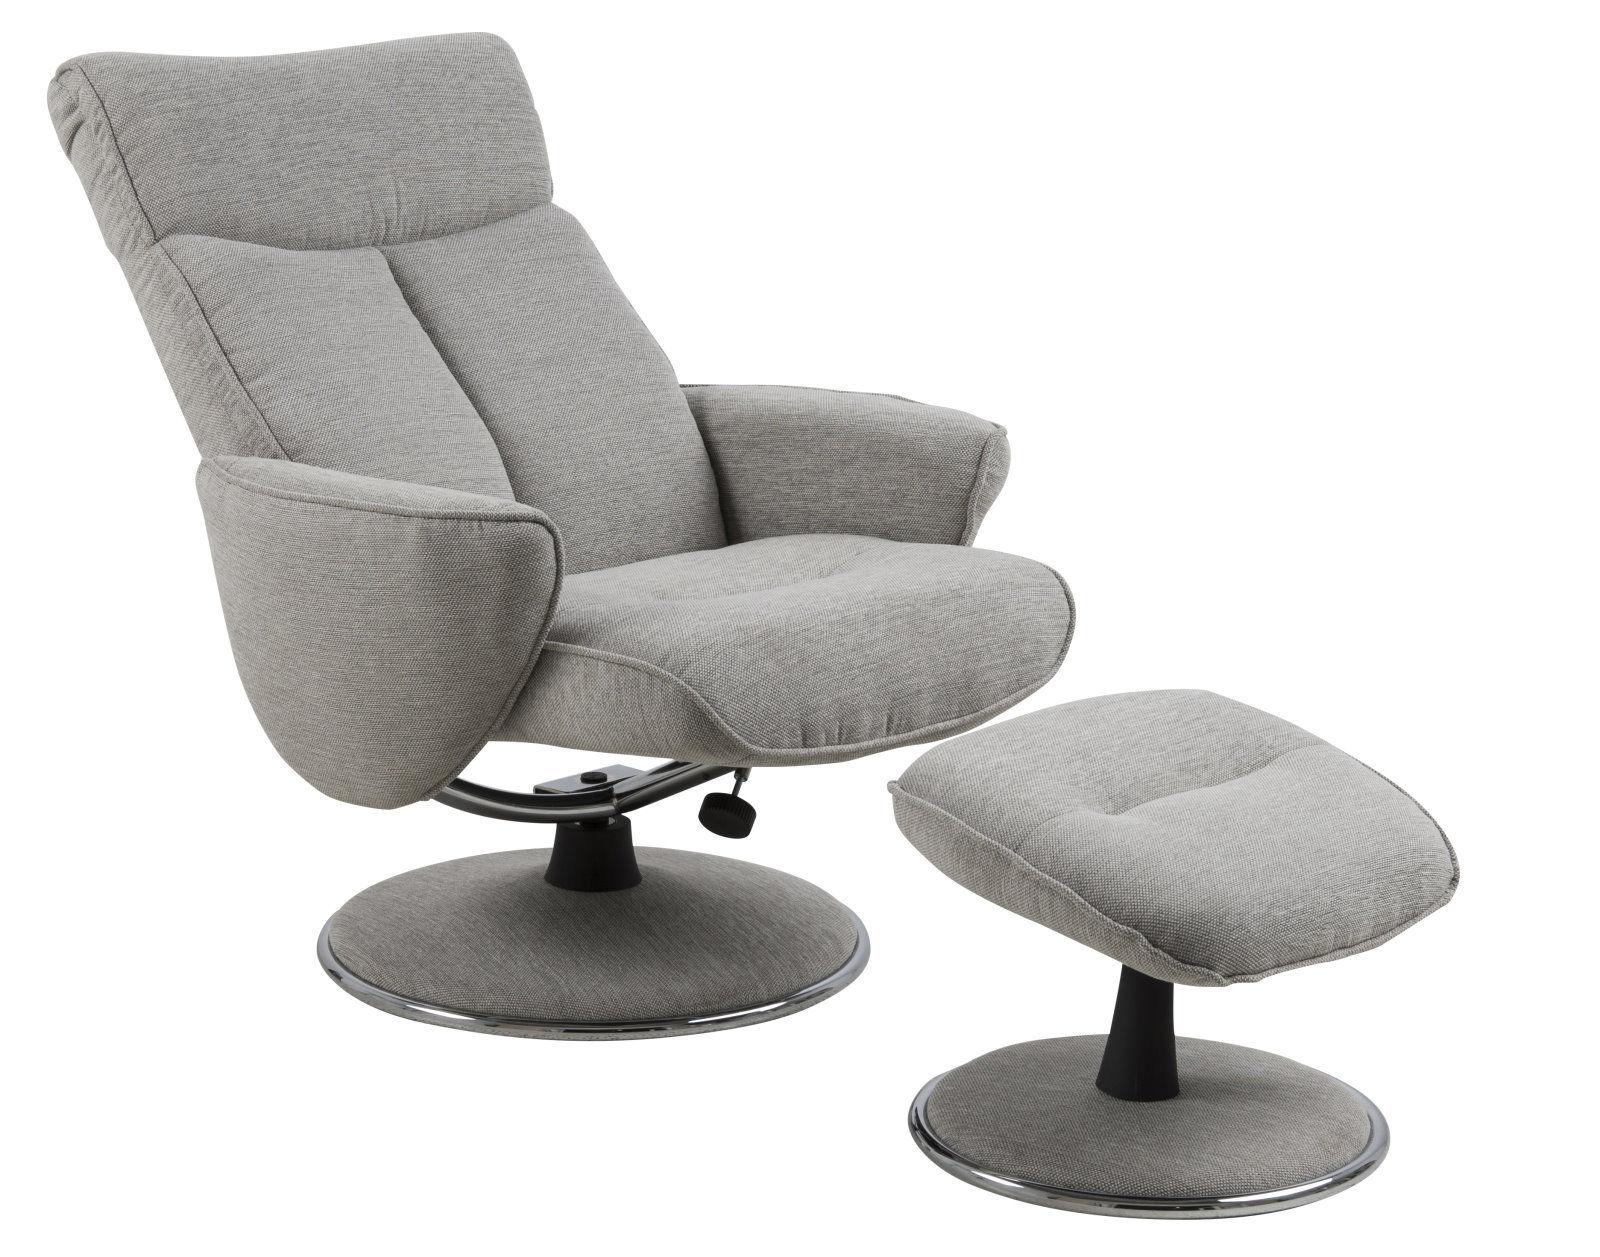 Pkline relaxsessel drehsessel grau loungesessel sessel for Relaxsessel grau stoff